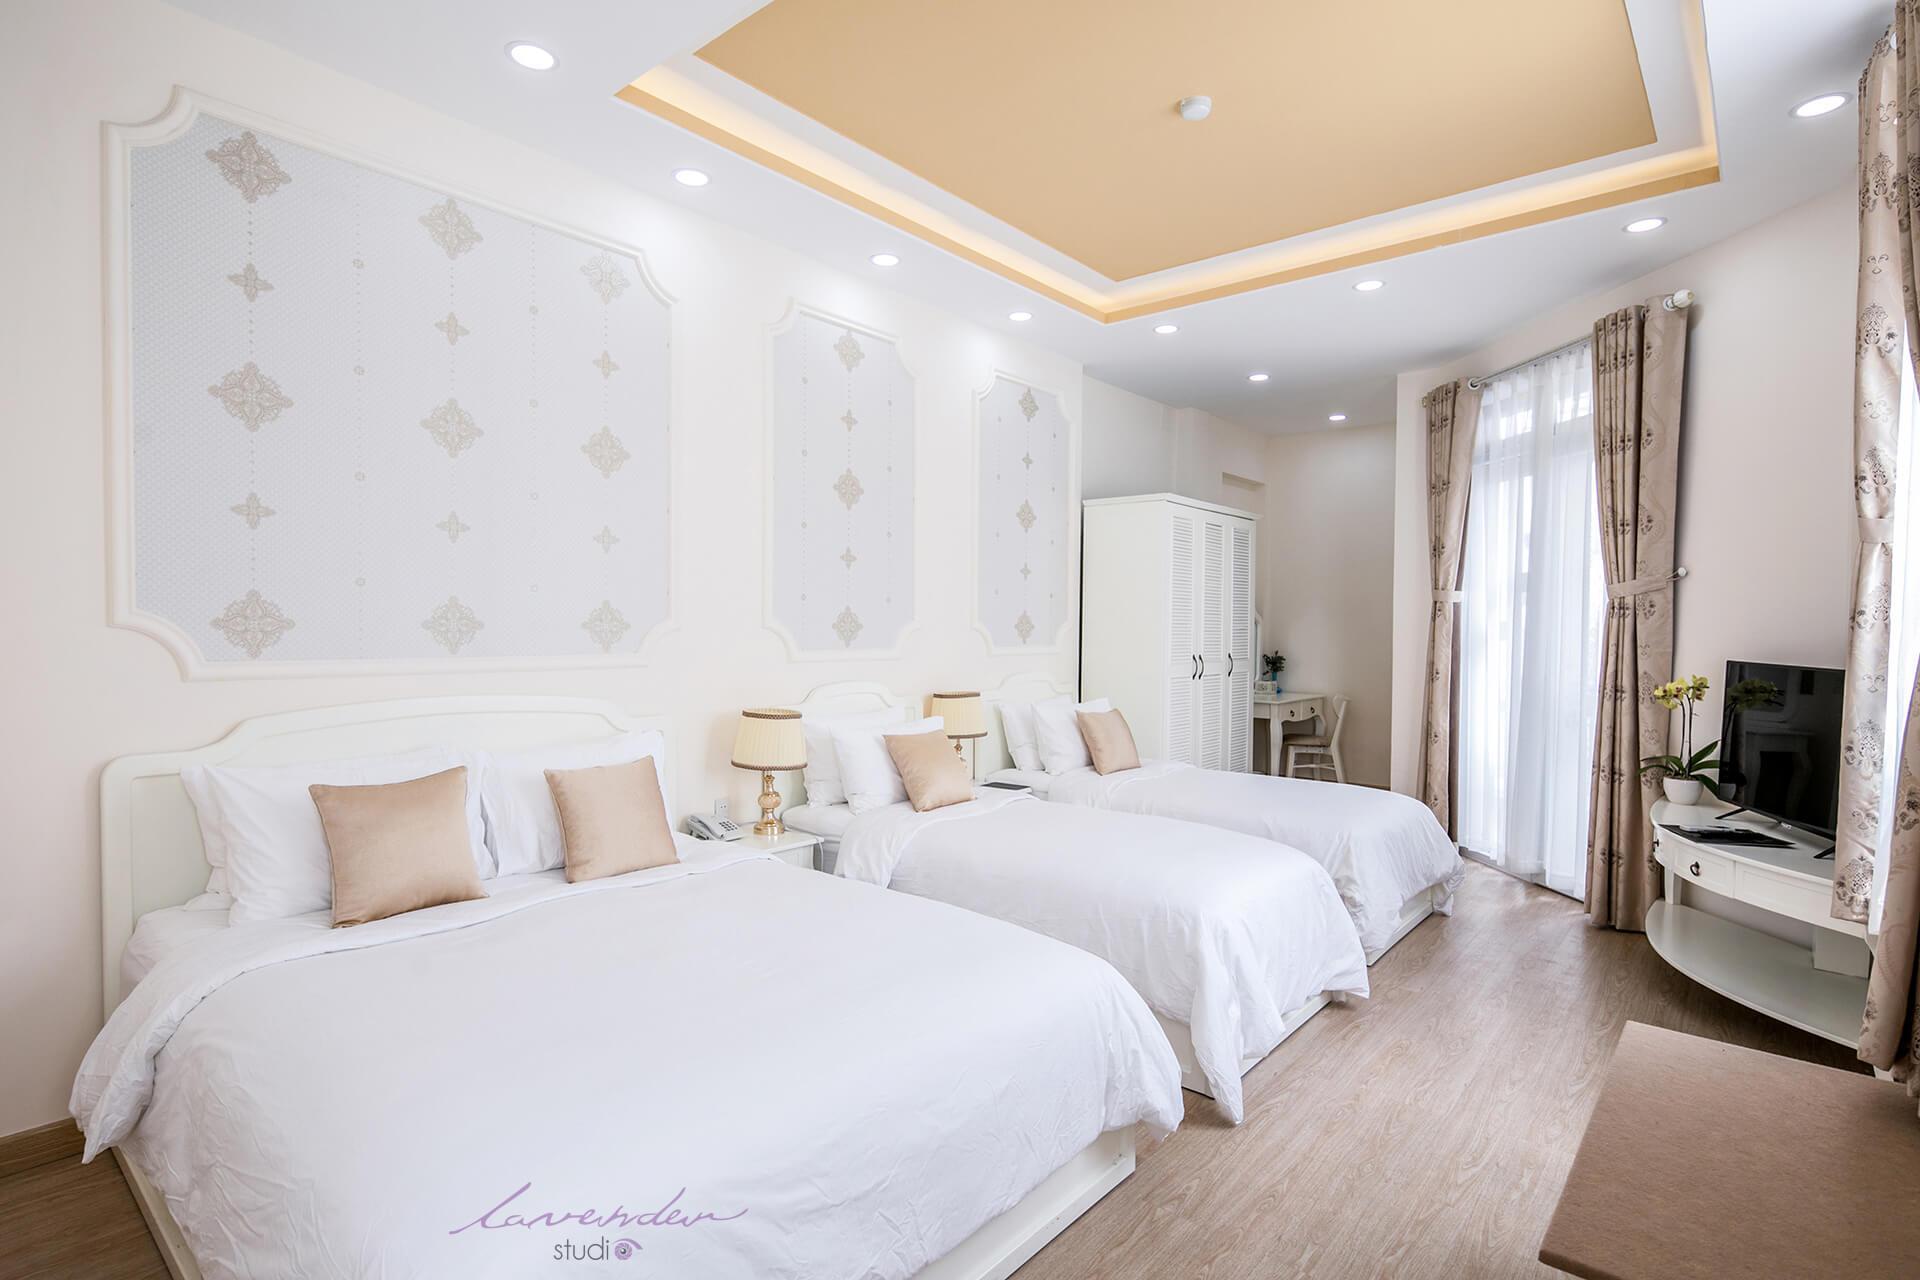 dịch vụ chụp khách sạn ở Sài gòn